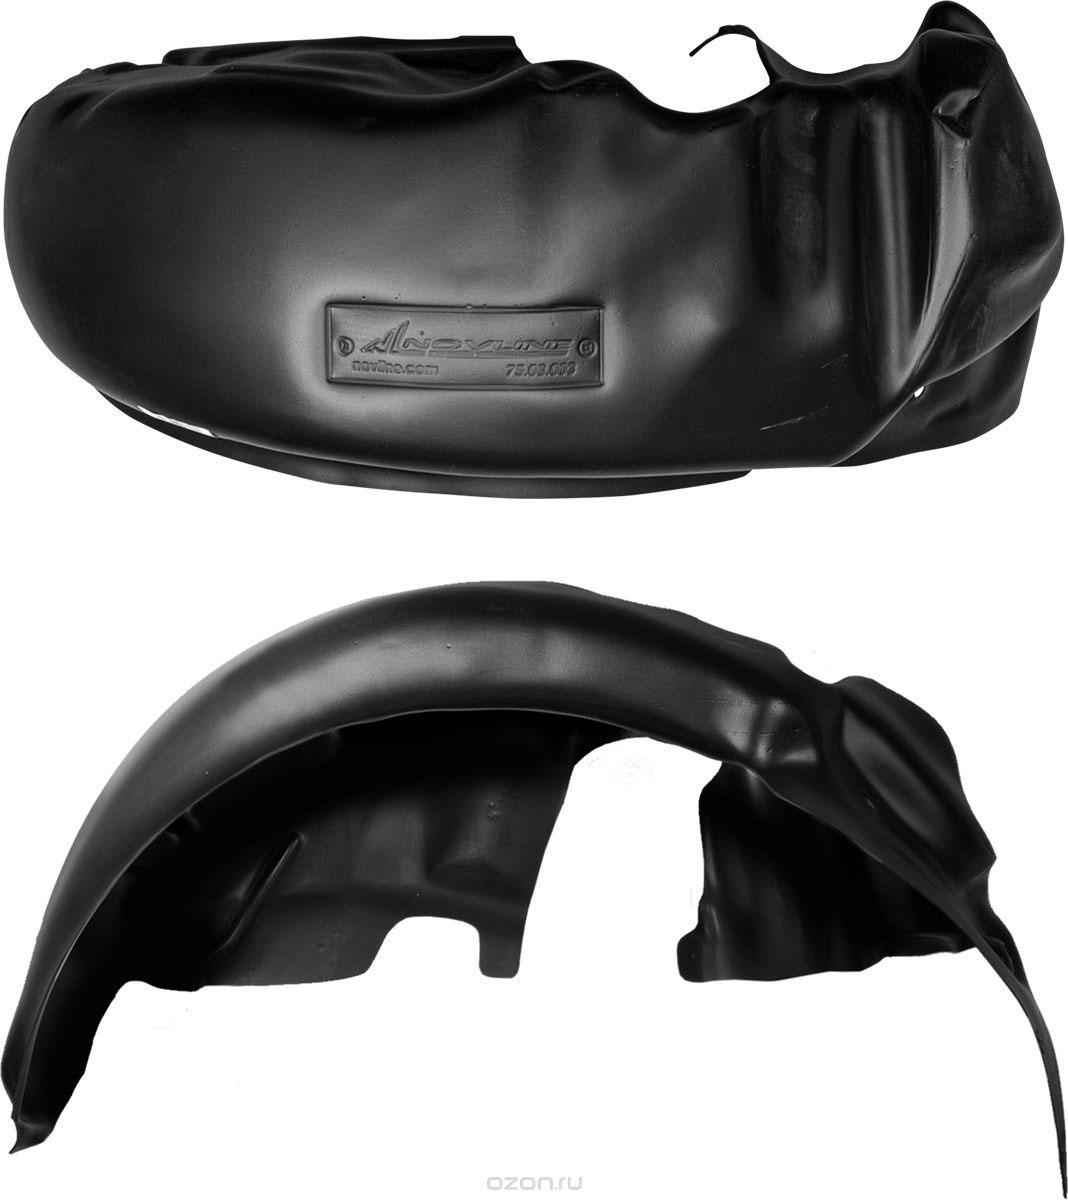 Подкрылок Novline-Autofamily, для NISSAN Teana, 03/2014->, седан, задний левыйDW90Идеальная защита колесной ниши. Локеры разработаны с применением цифровых технологий, гарантируют максимальную повторяемость поверхности арки. Изделия устанавливаются без нарушения лакокрасочного покрытия автомобиля, каждый подкрылок комплектуется крепежом. Уважаемые клиенты, обращаем ваше внимание, что фотографии на подкрылки универсальные и не отражают реальную форму изделия. При этом само изделие идет точно под размер указанного автомобиля.